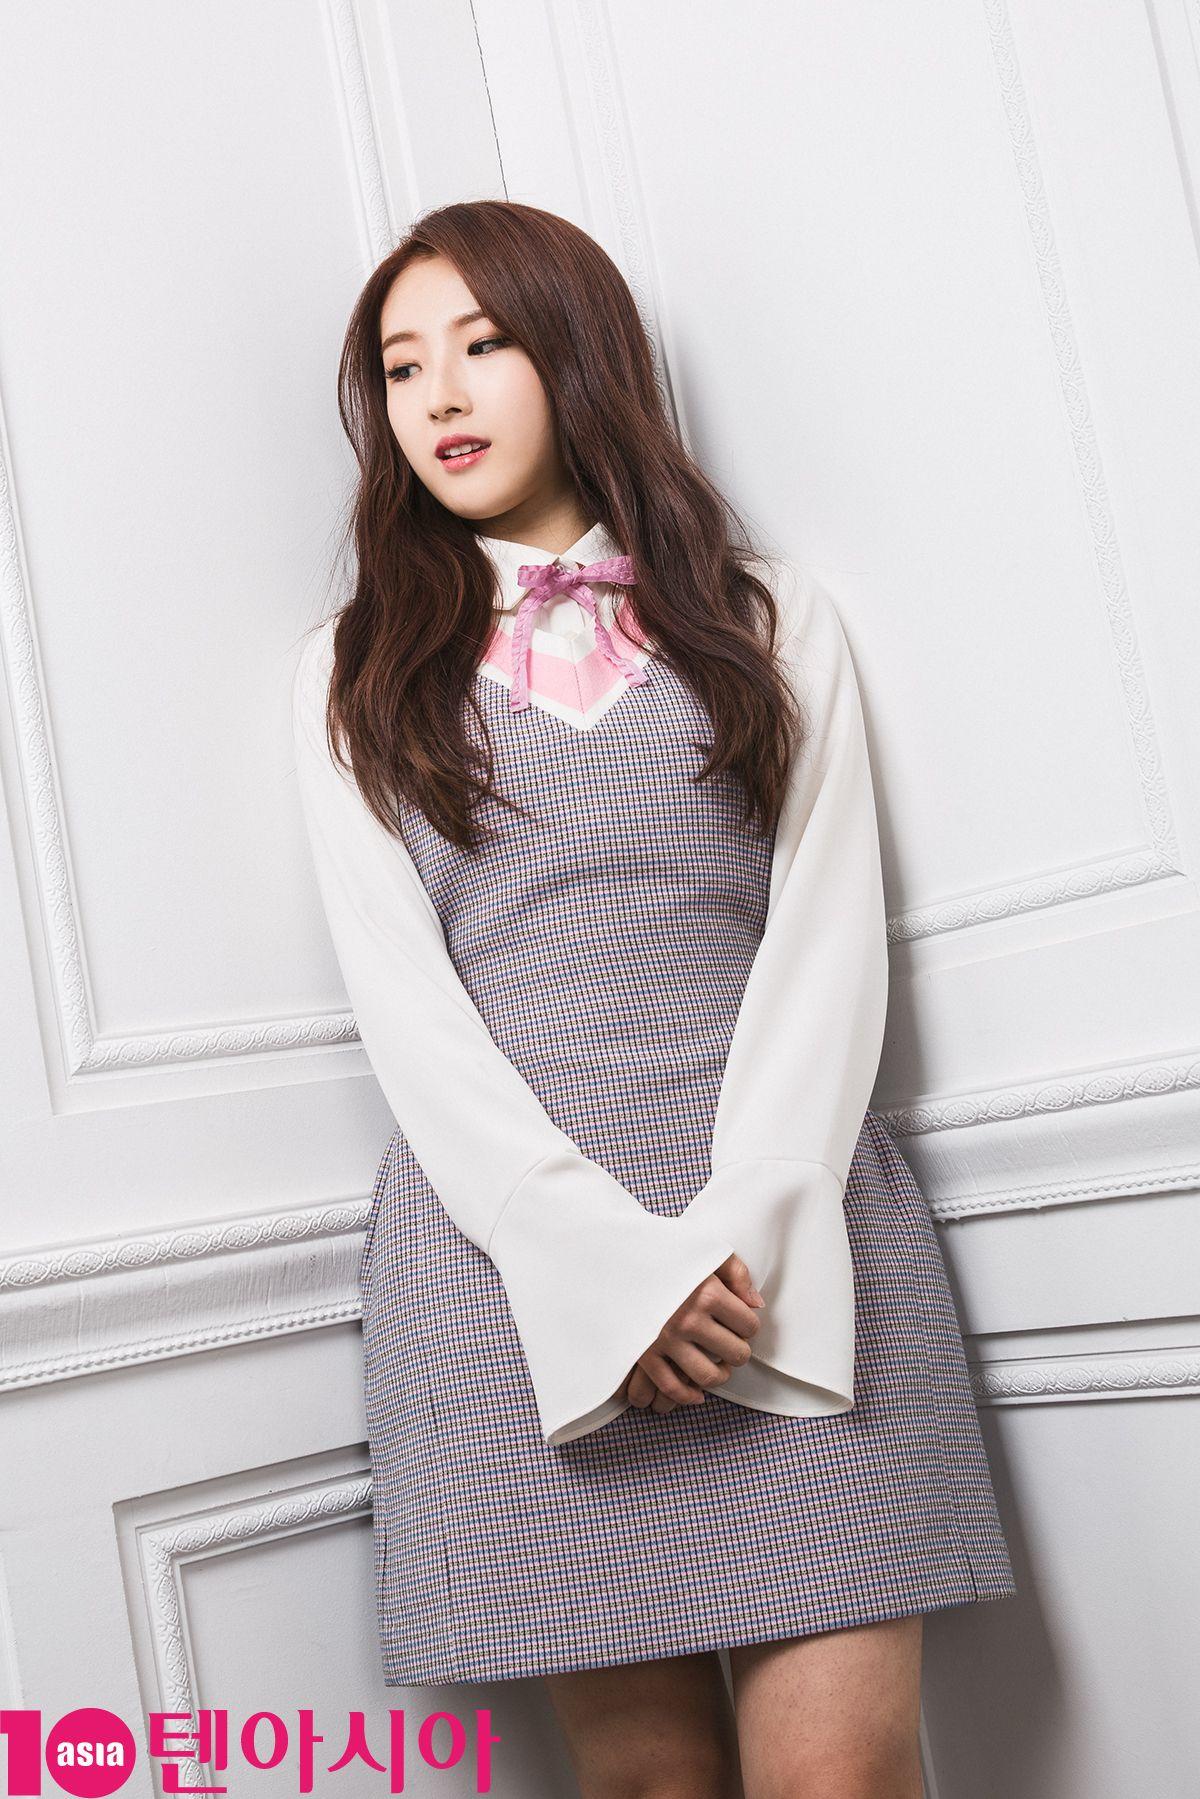 HaSeul 10asia LOONA 1-3 2017.jpg